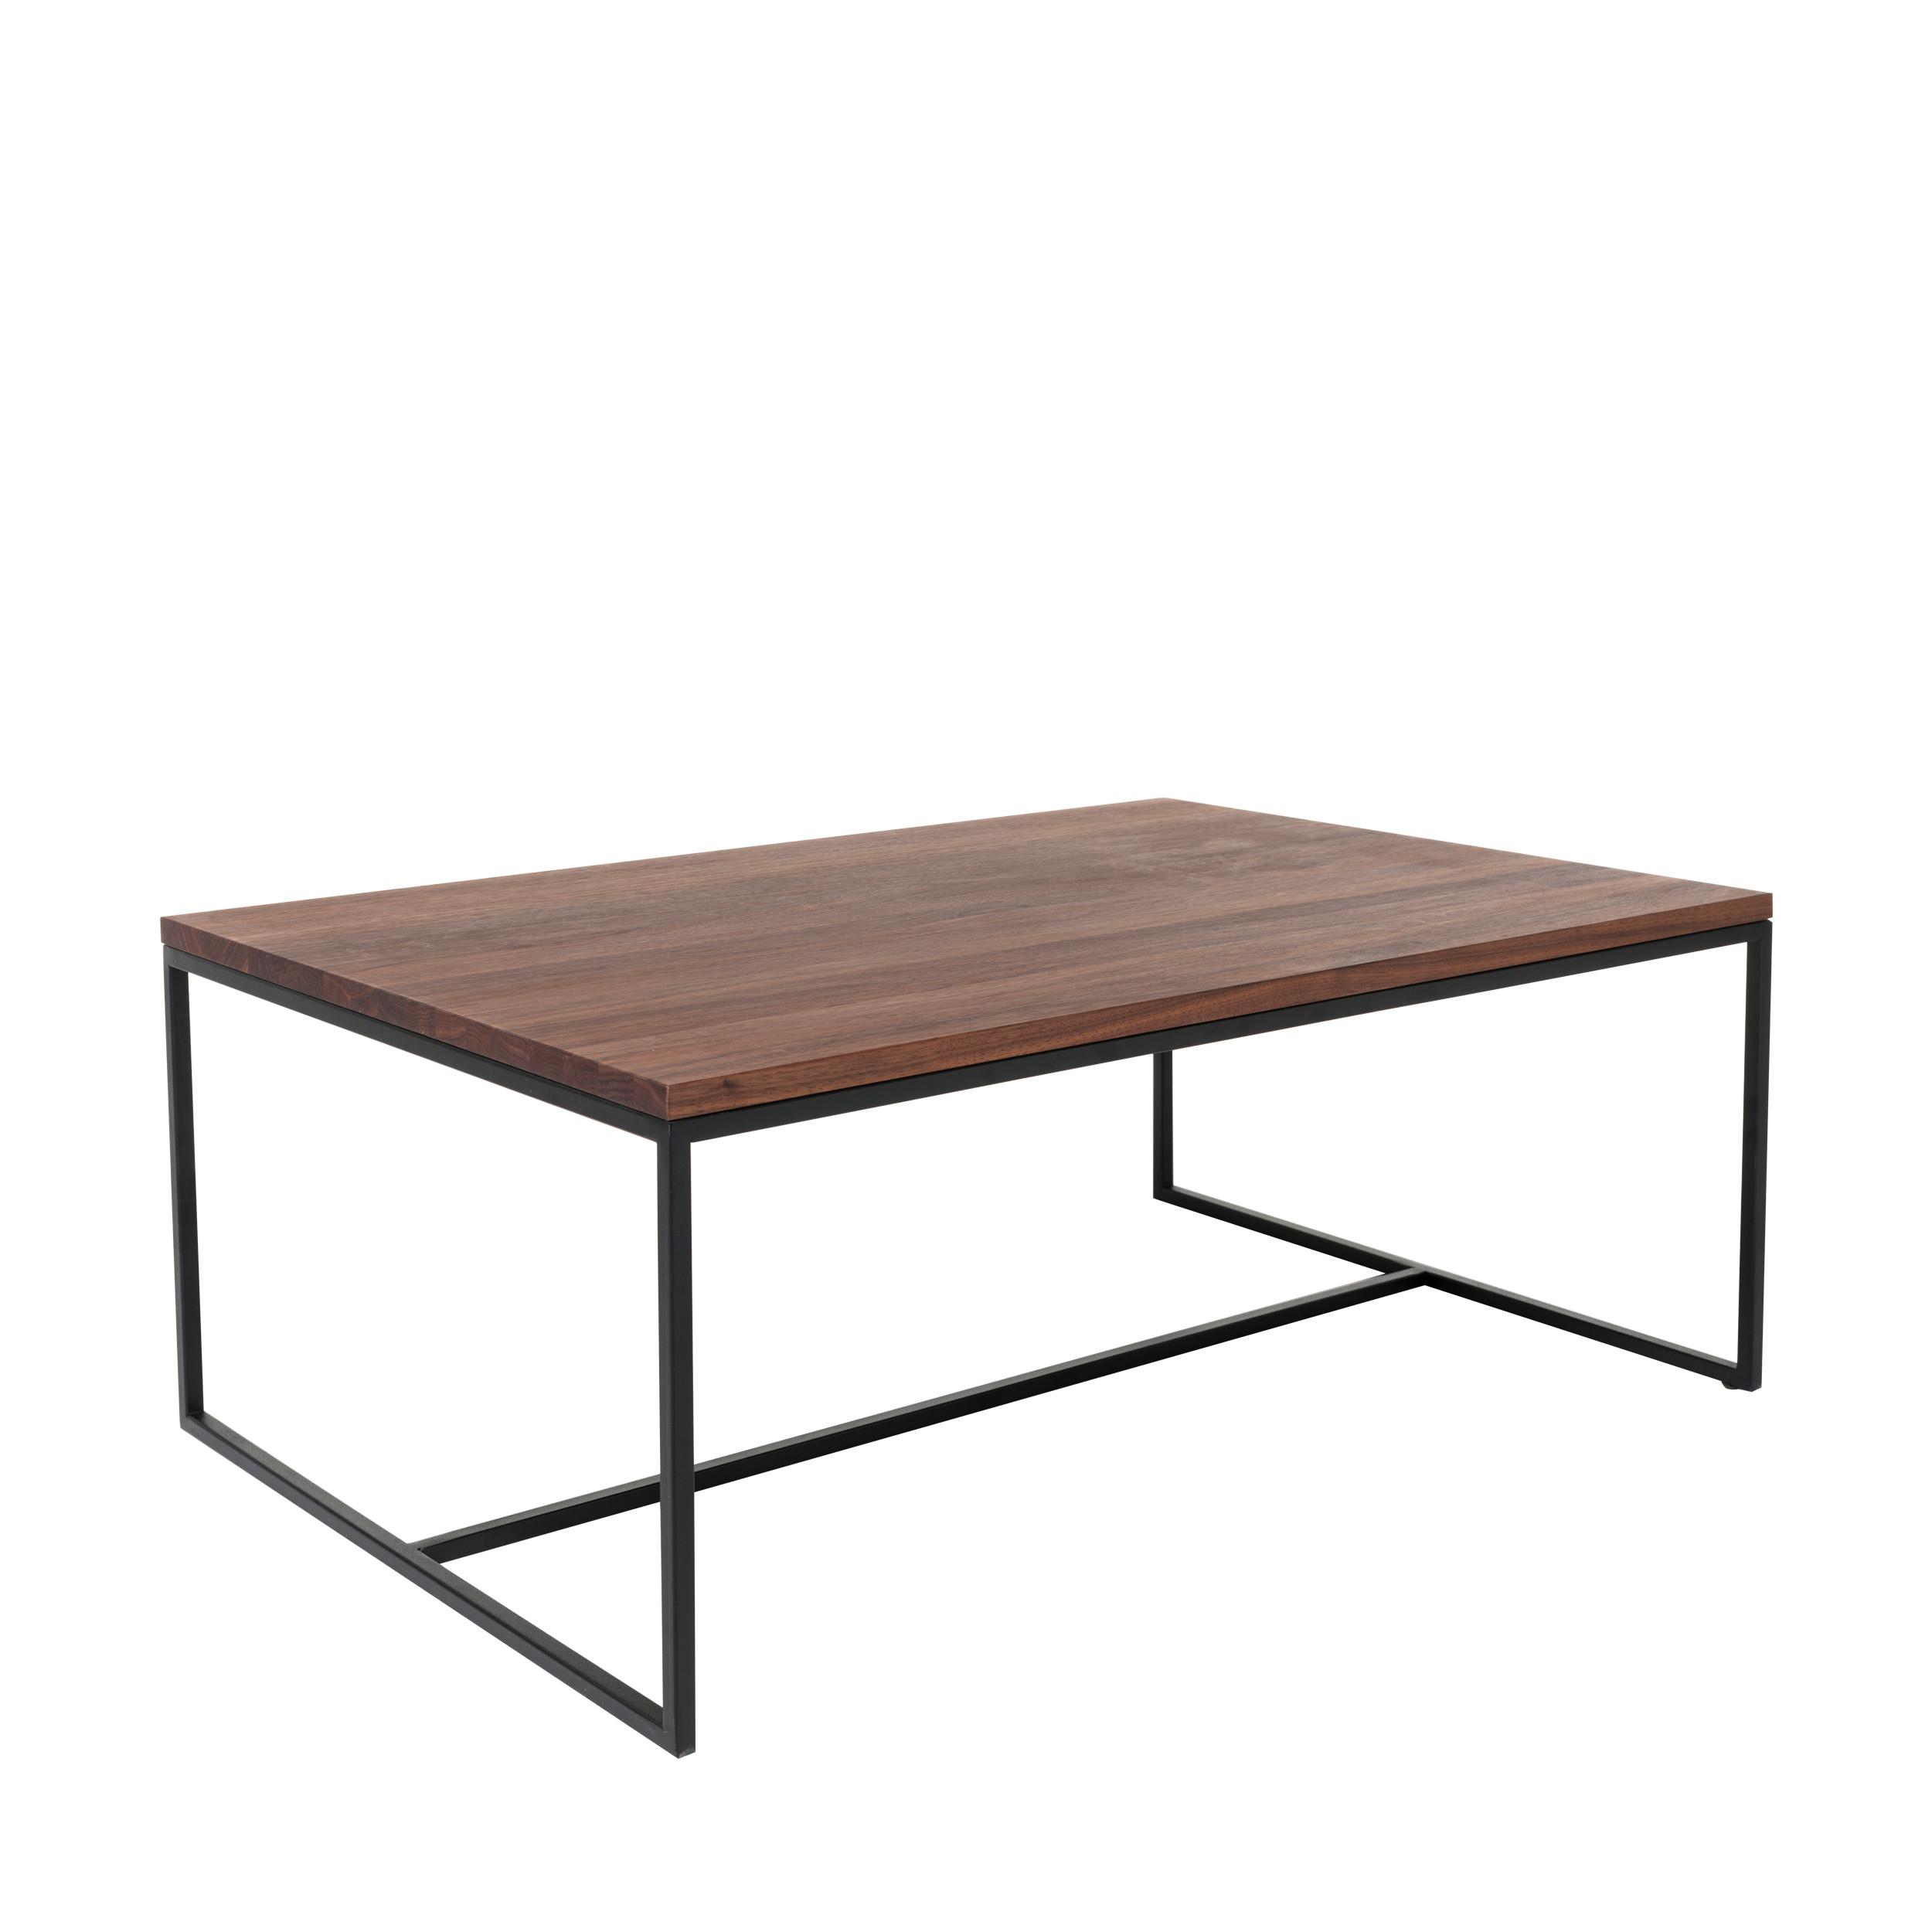 talsi holz couchtisch s nussbaum online kaufen bei woonio. Black Bedroom Furniture Sets. Home Design Ideas